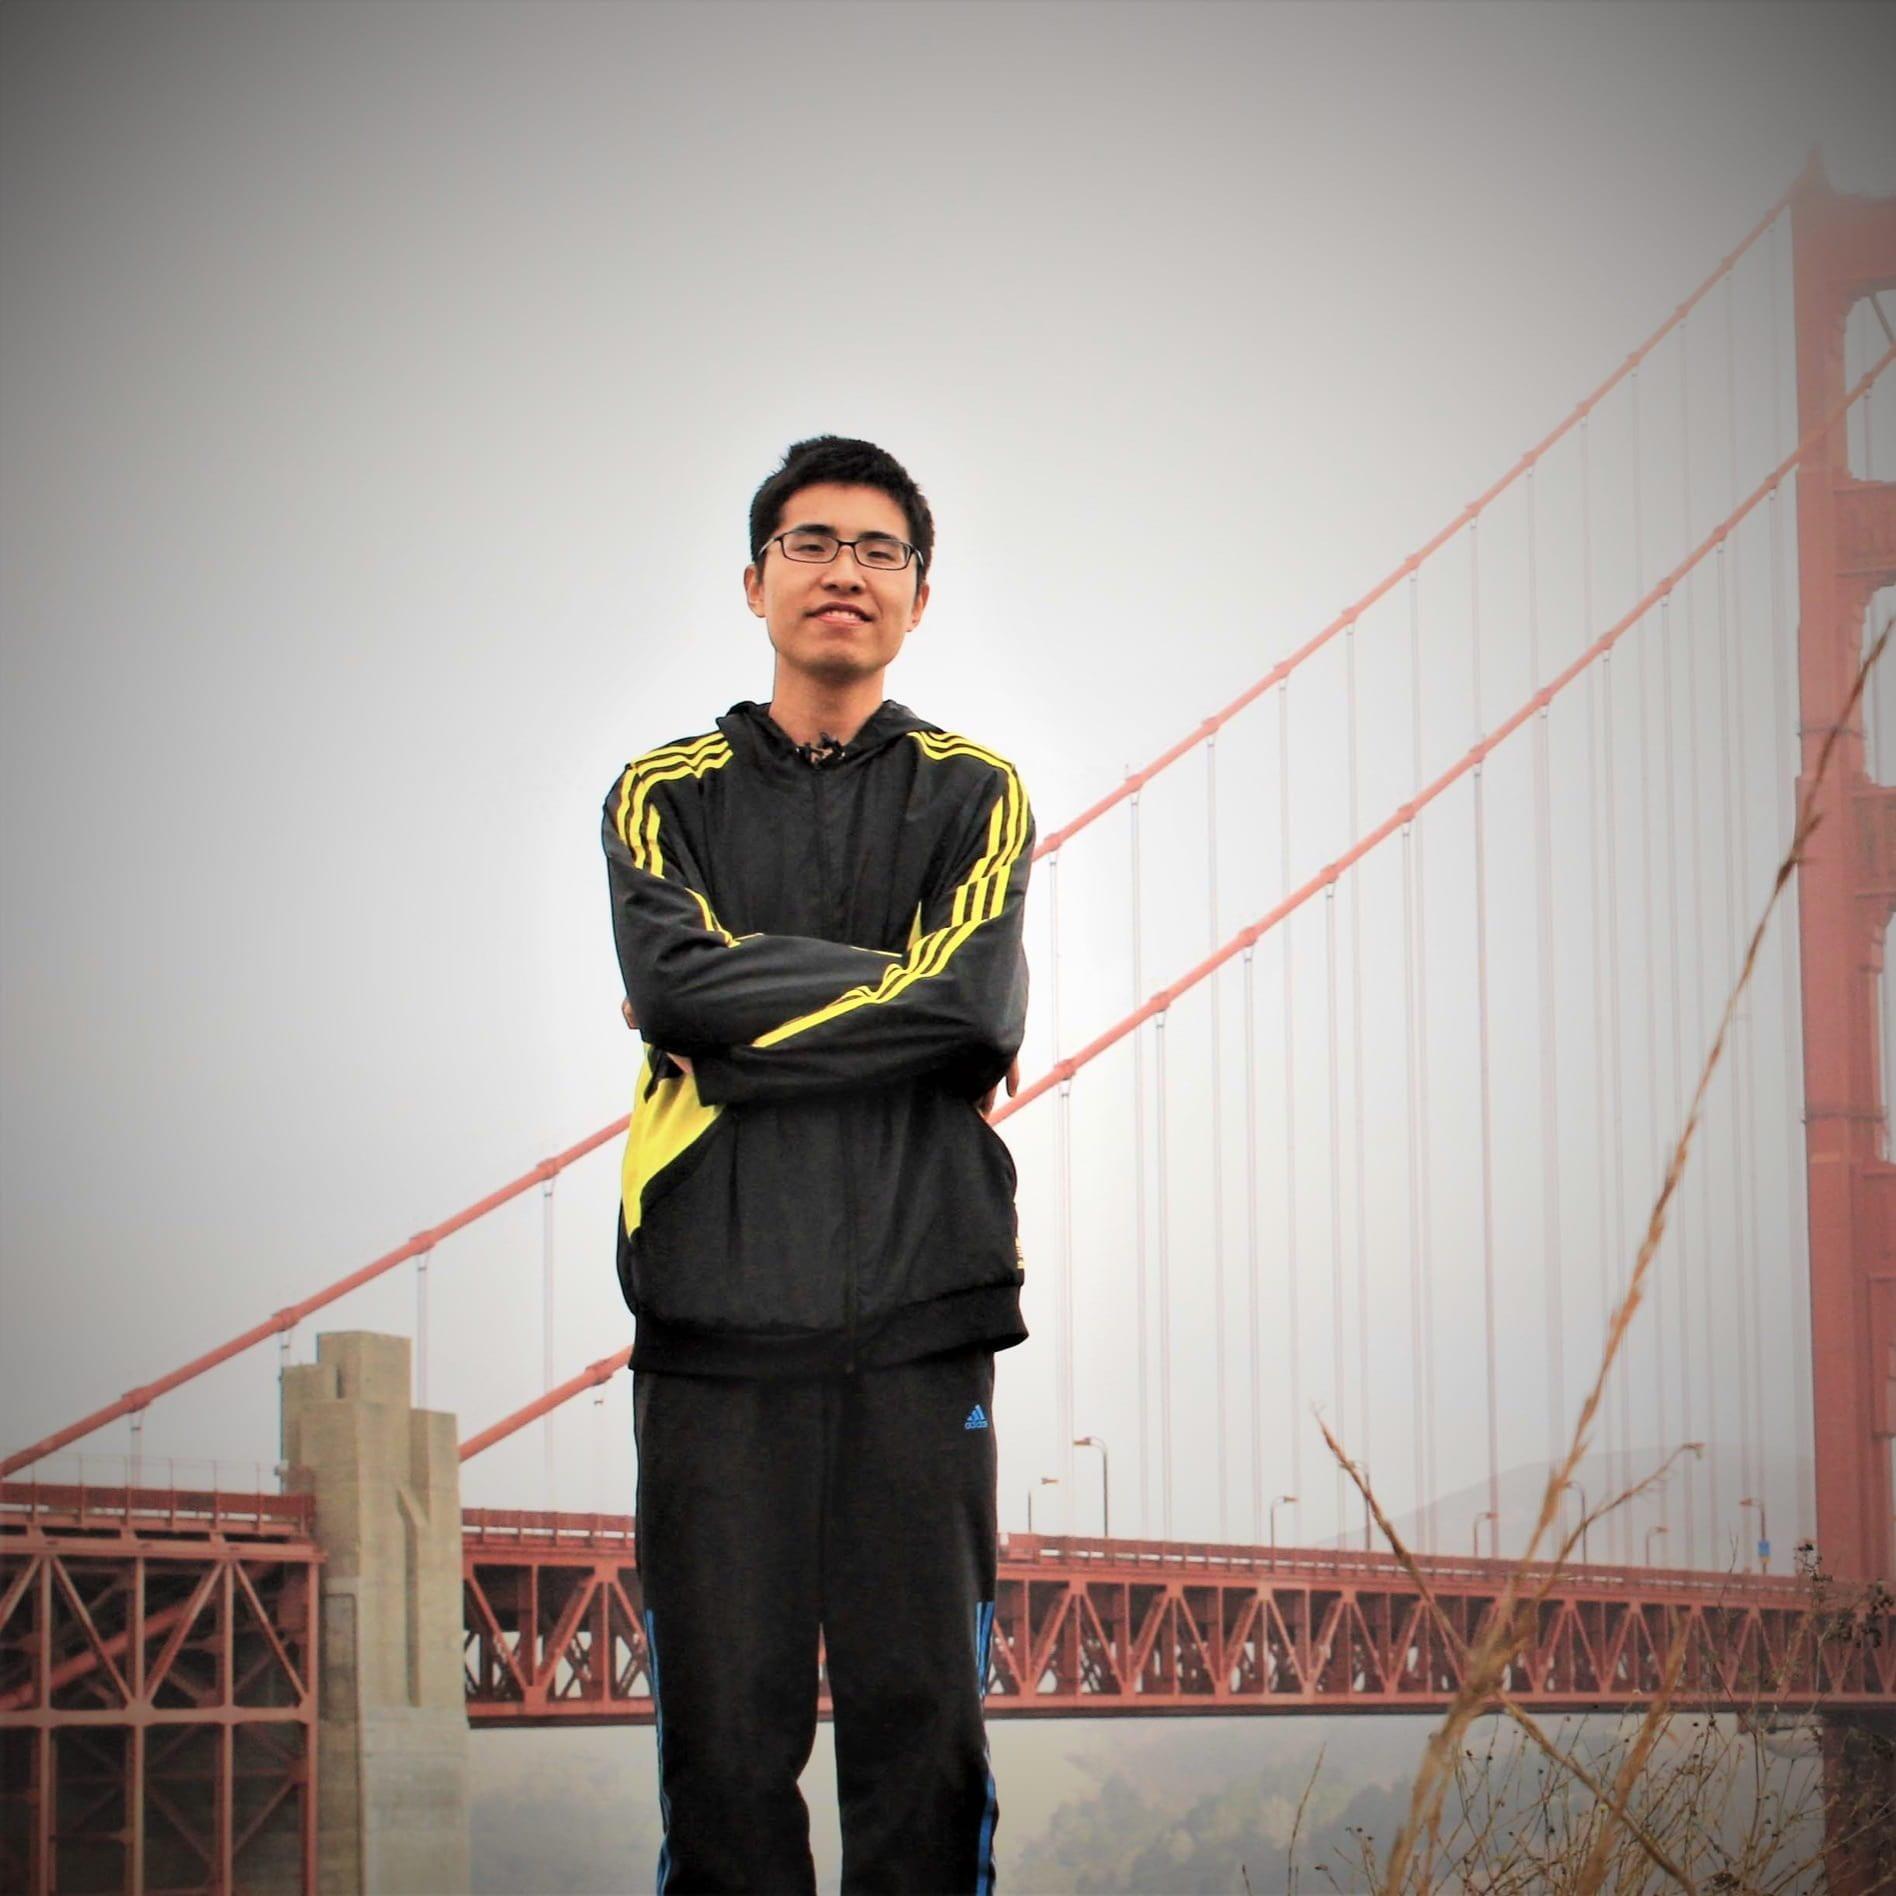 Haoqi Wu